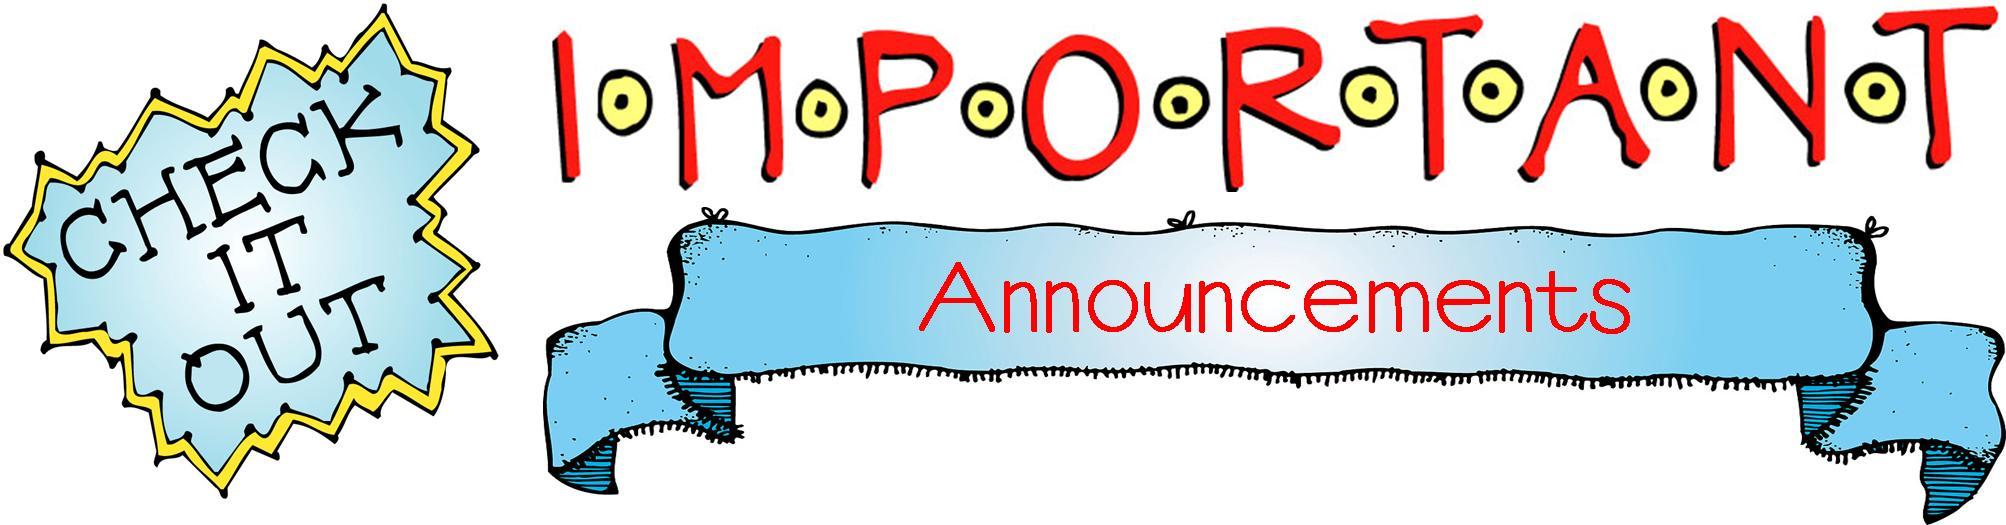 Flash clipart important announcement Clip Repin Art Announcement on